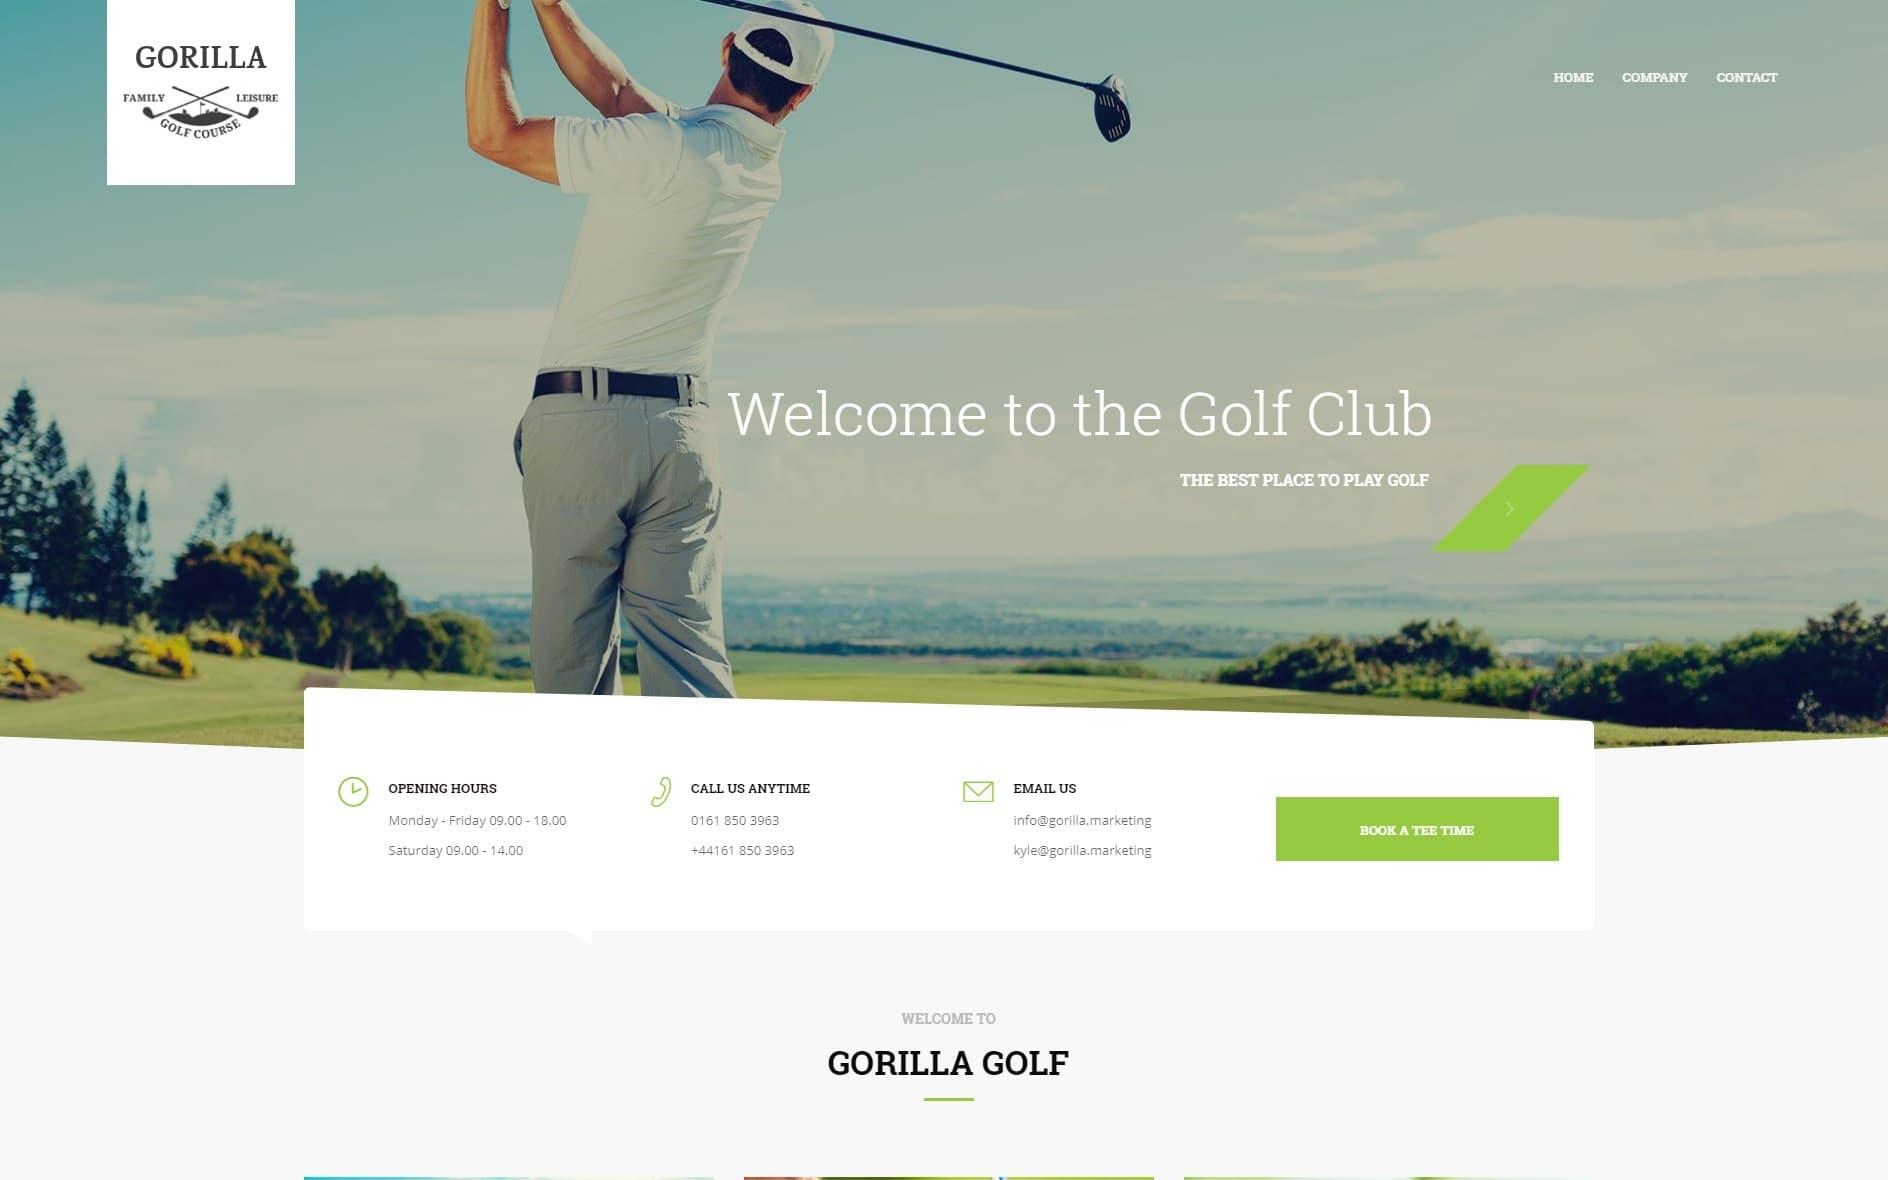 Gorilla Web Design Portfolio 12